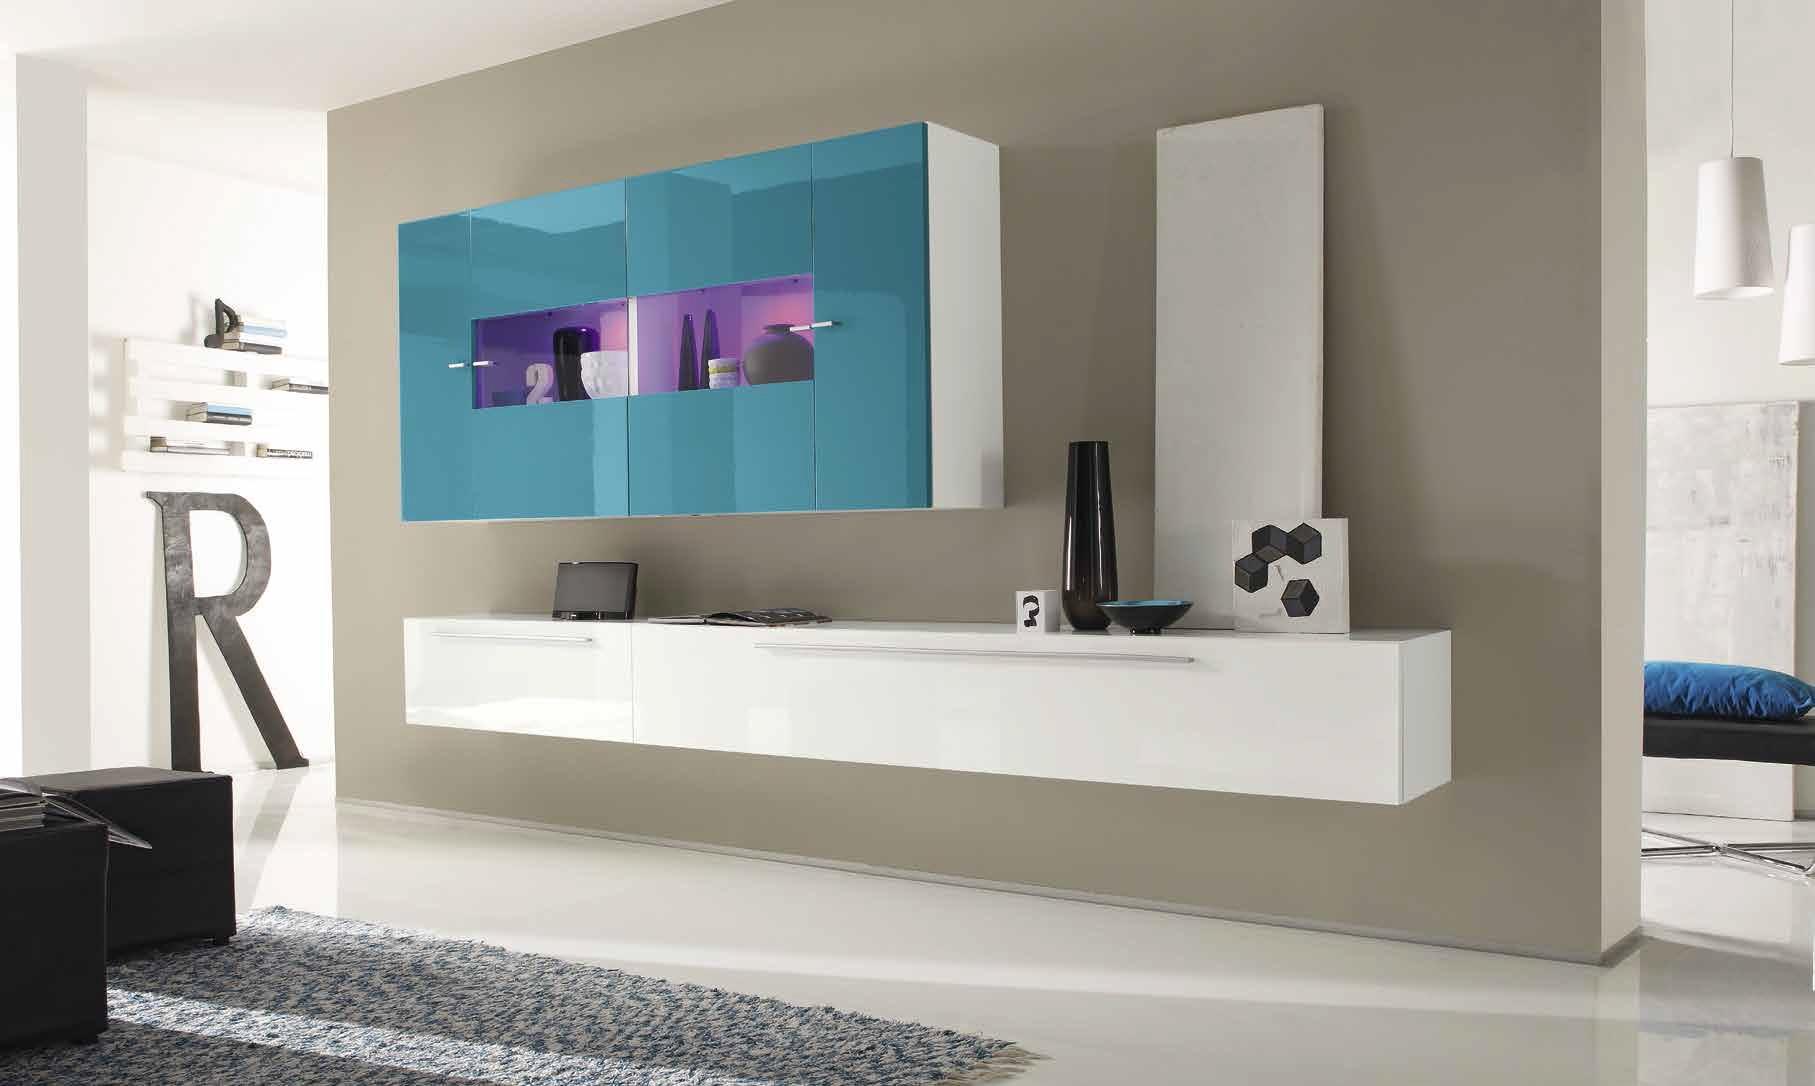 Linea first one md2 arredamenti - Mobile salotto tv ...